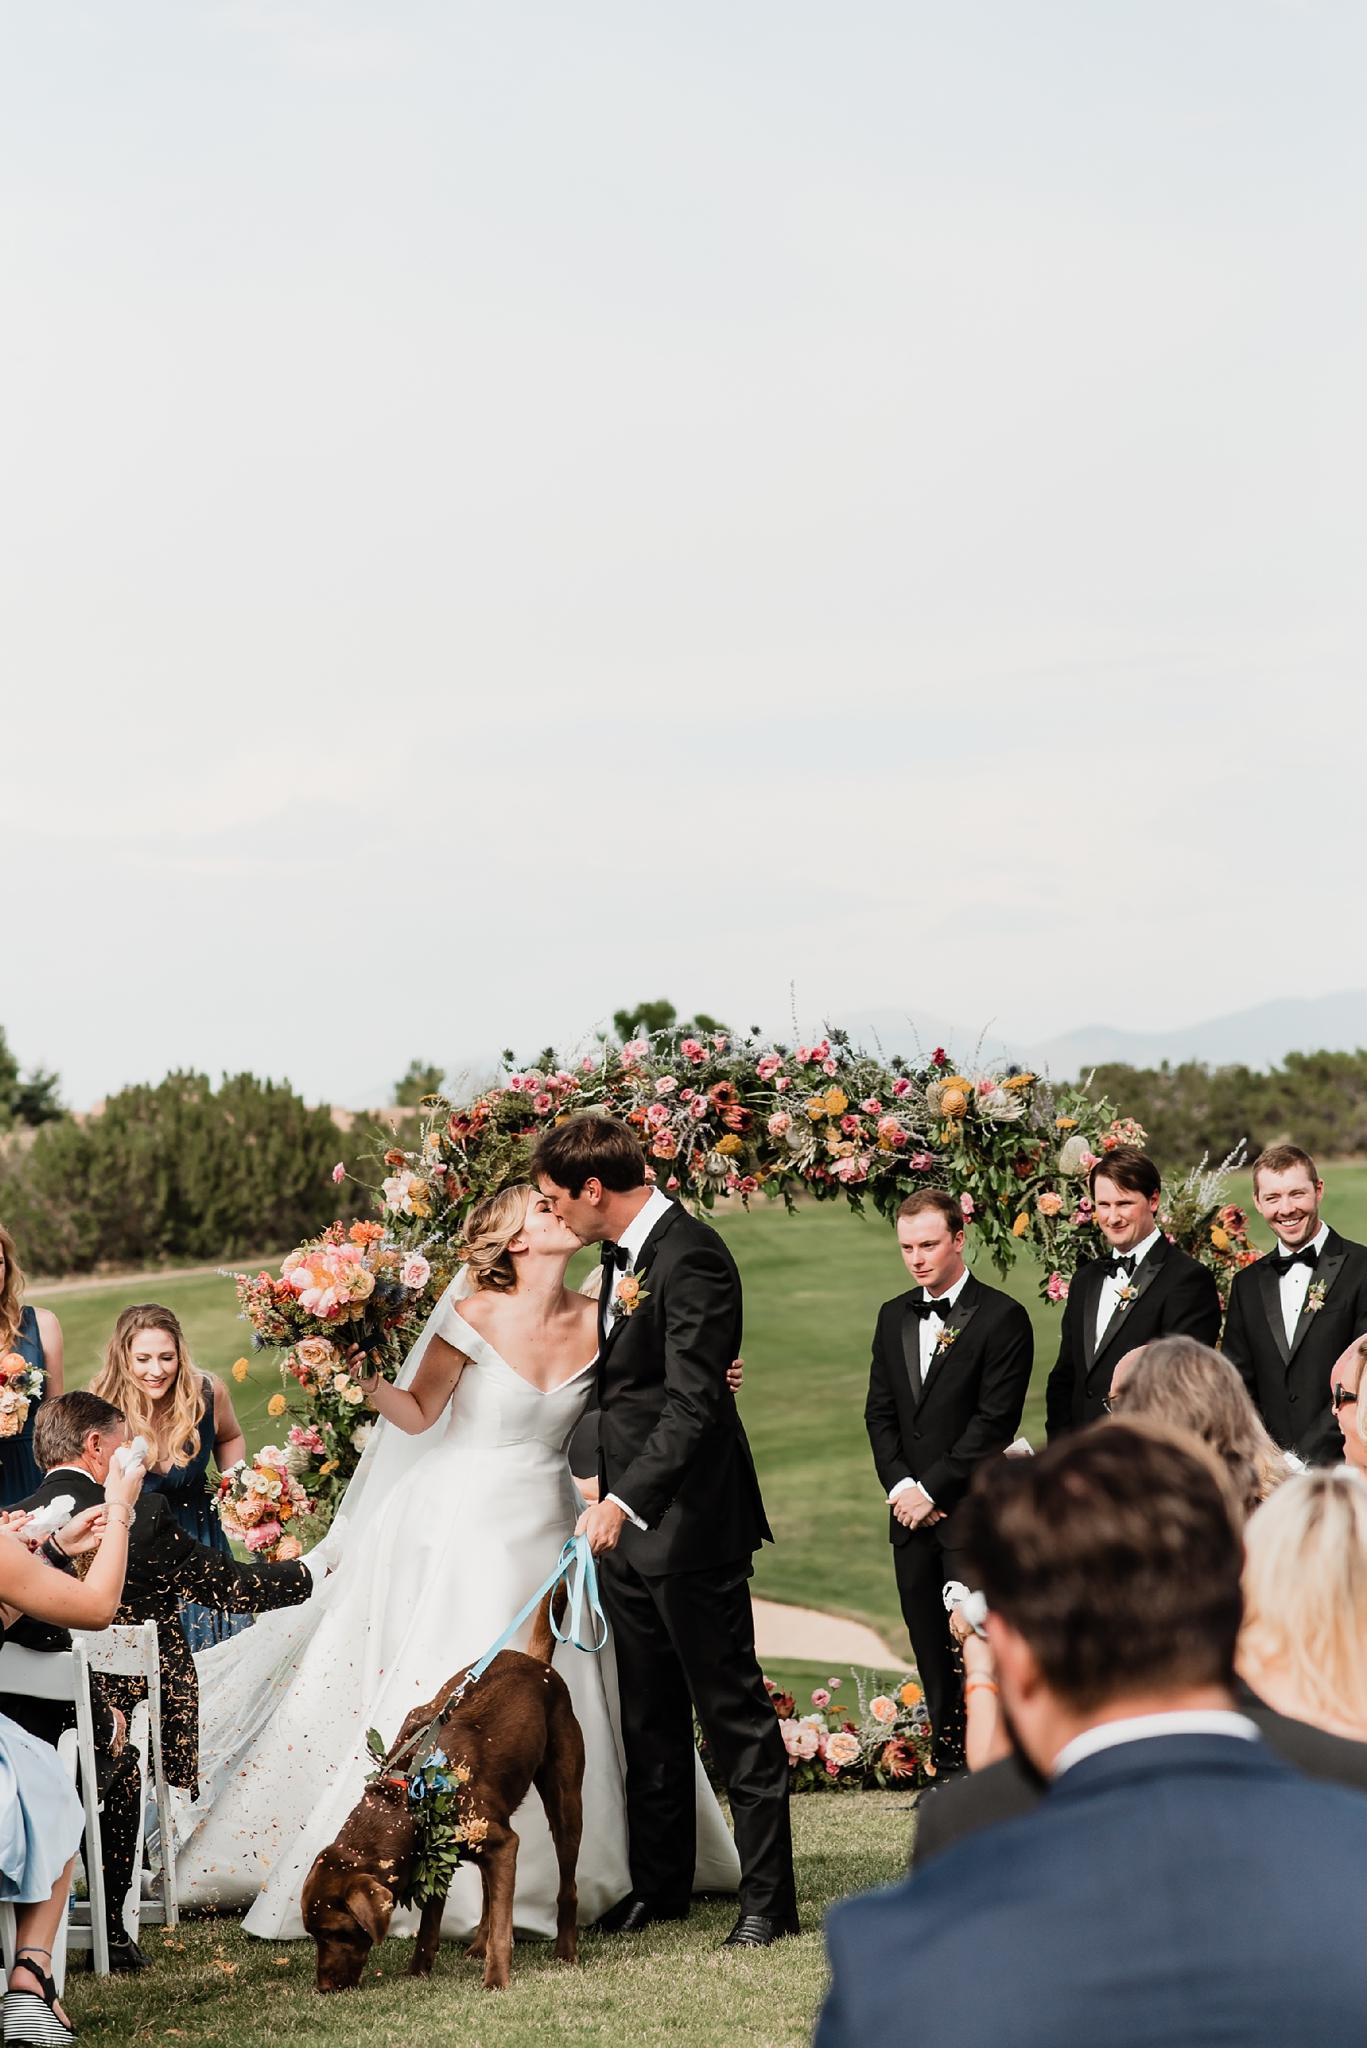 Alicia+lucia+photography+-+albuquerque+wedding+photographer+-+santa+fe+wedding+photography+-+new+mexico+wedding+photographer+-+new+mexico+wedding+-+las+campanas+wedding+-+santa+fe+wedding+-+maximalist+wedding+-+destination+wedding_0065.jpg